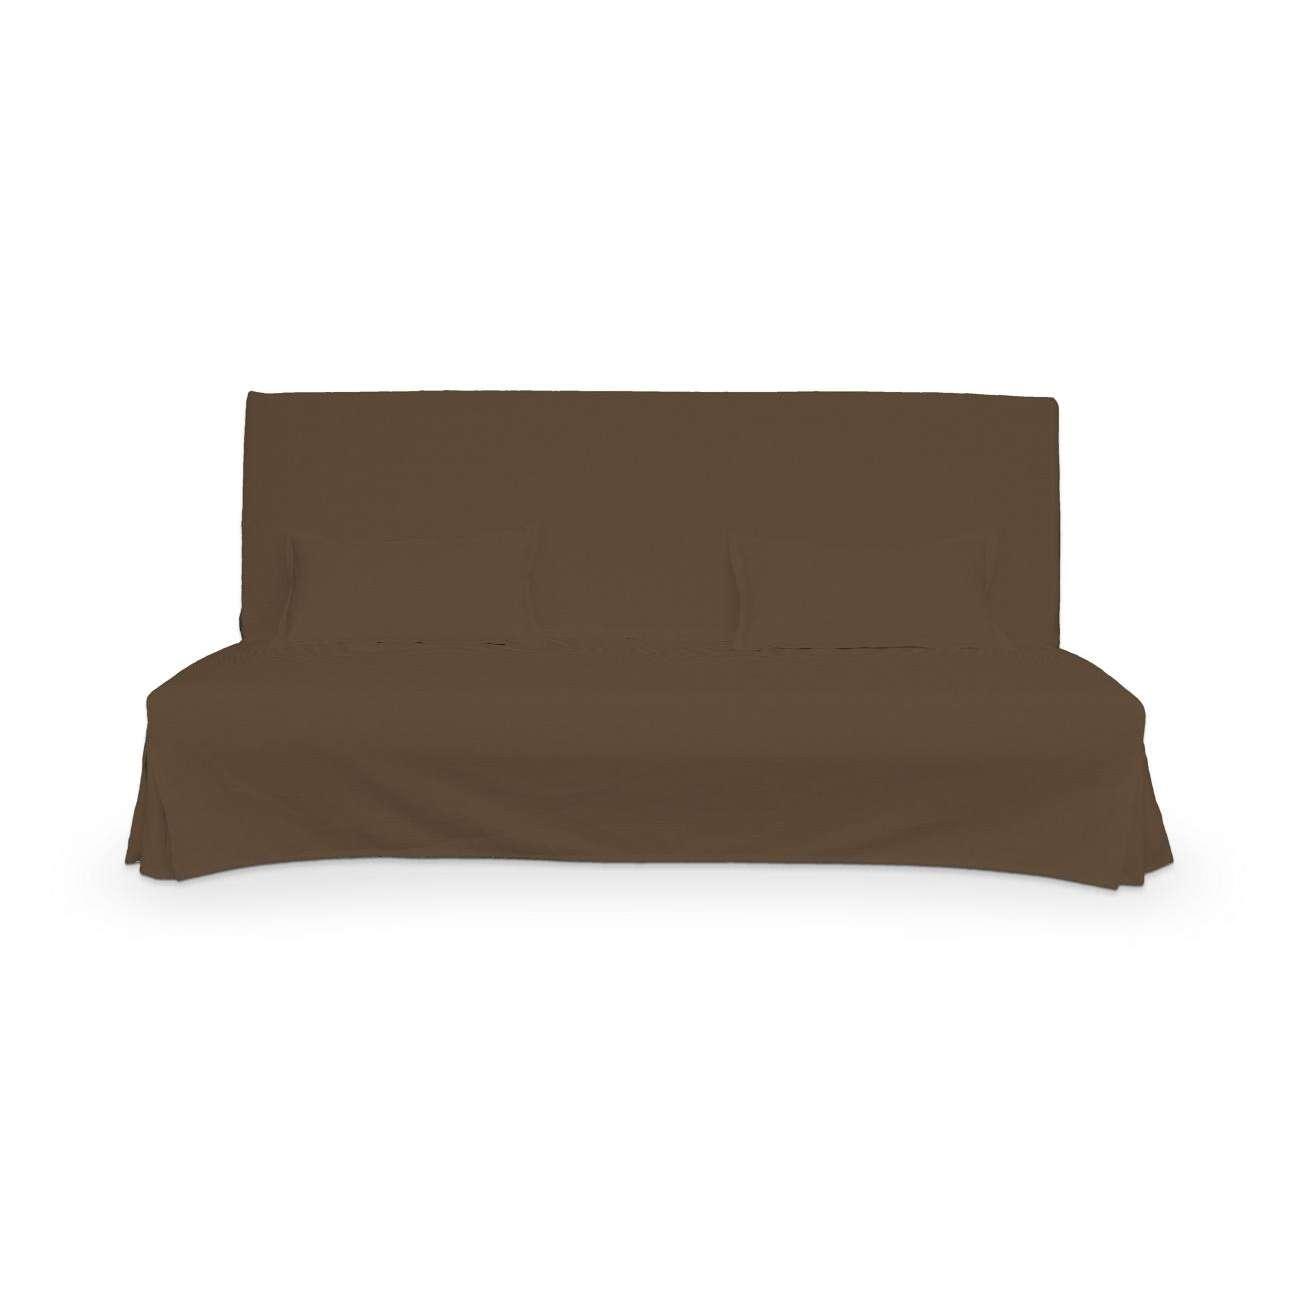 Potah na pohovku Beddinge a  2 potahy na polštáře - jednoduché bez prošití